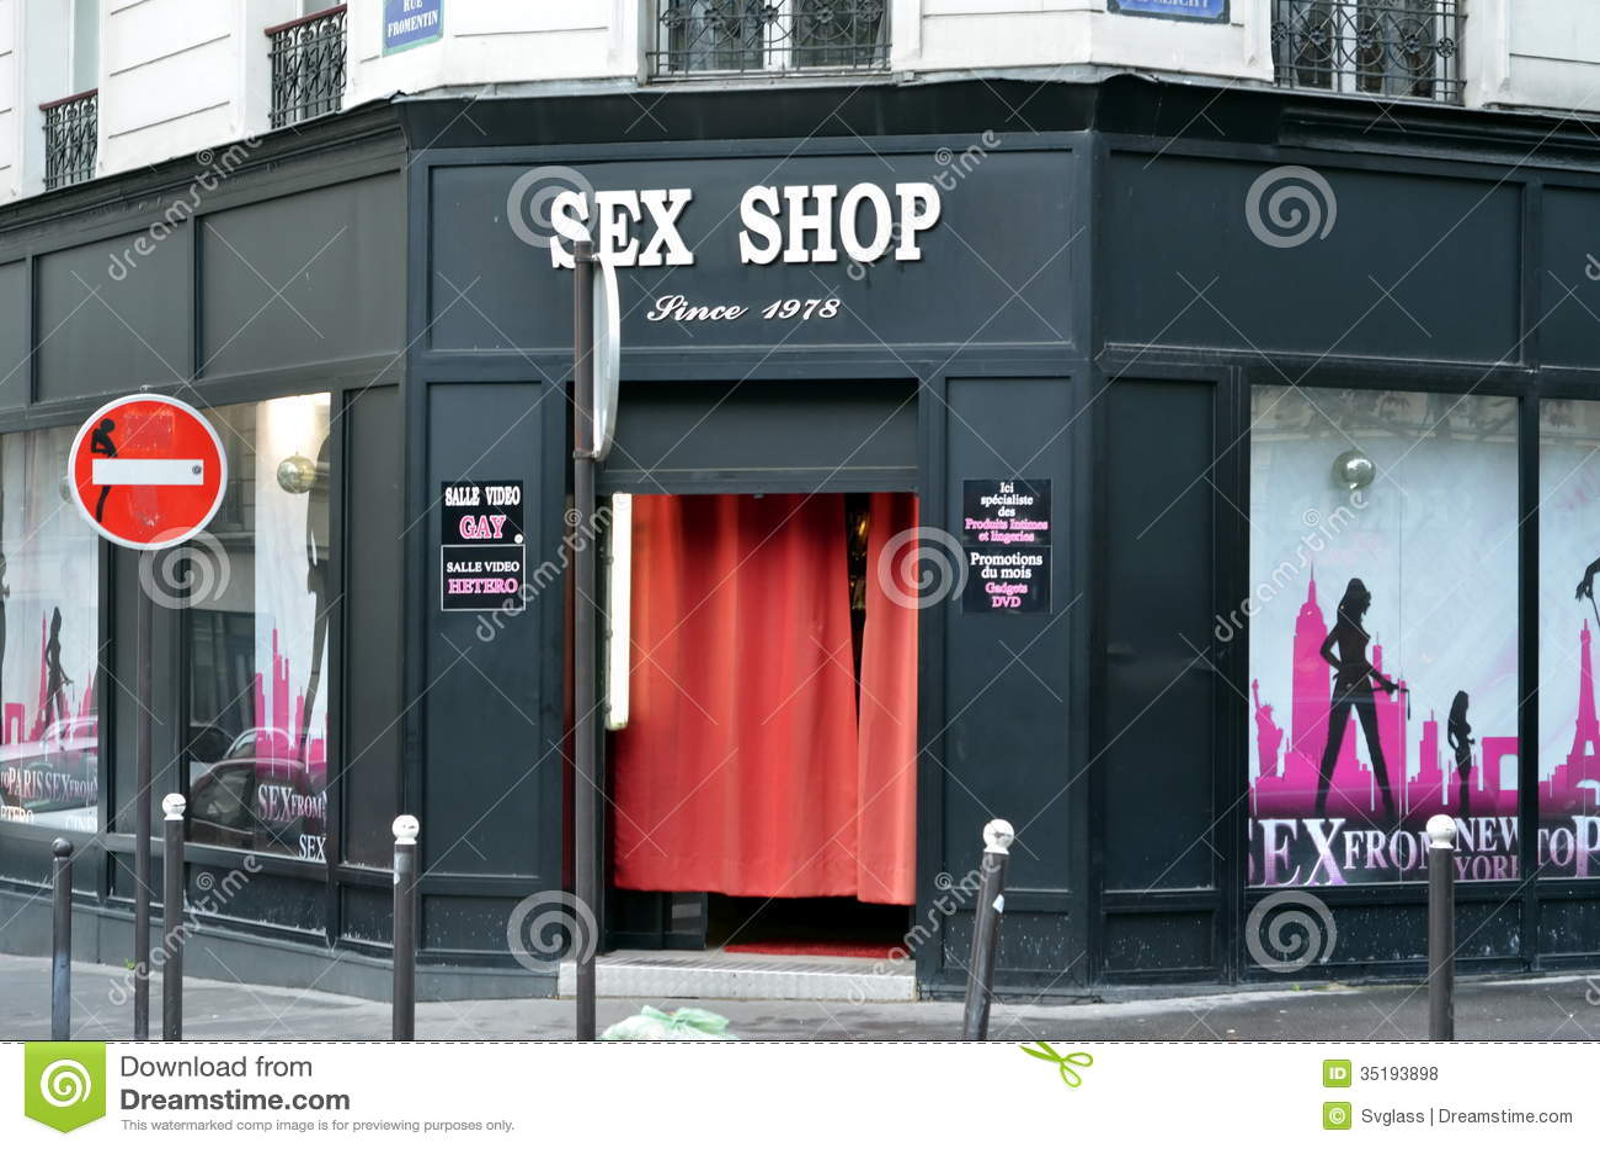 photos sexe sexe paris